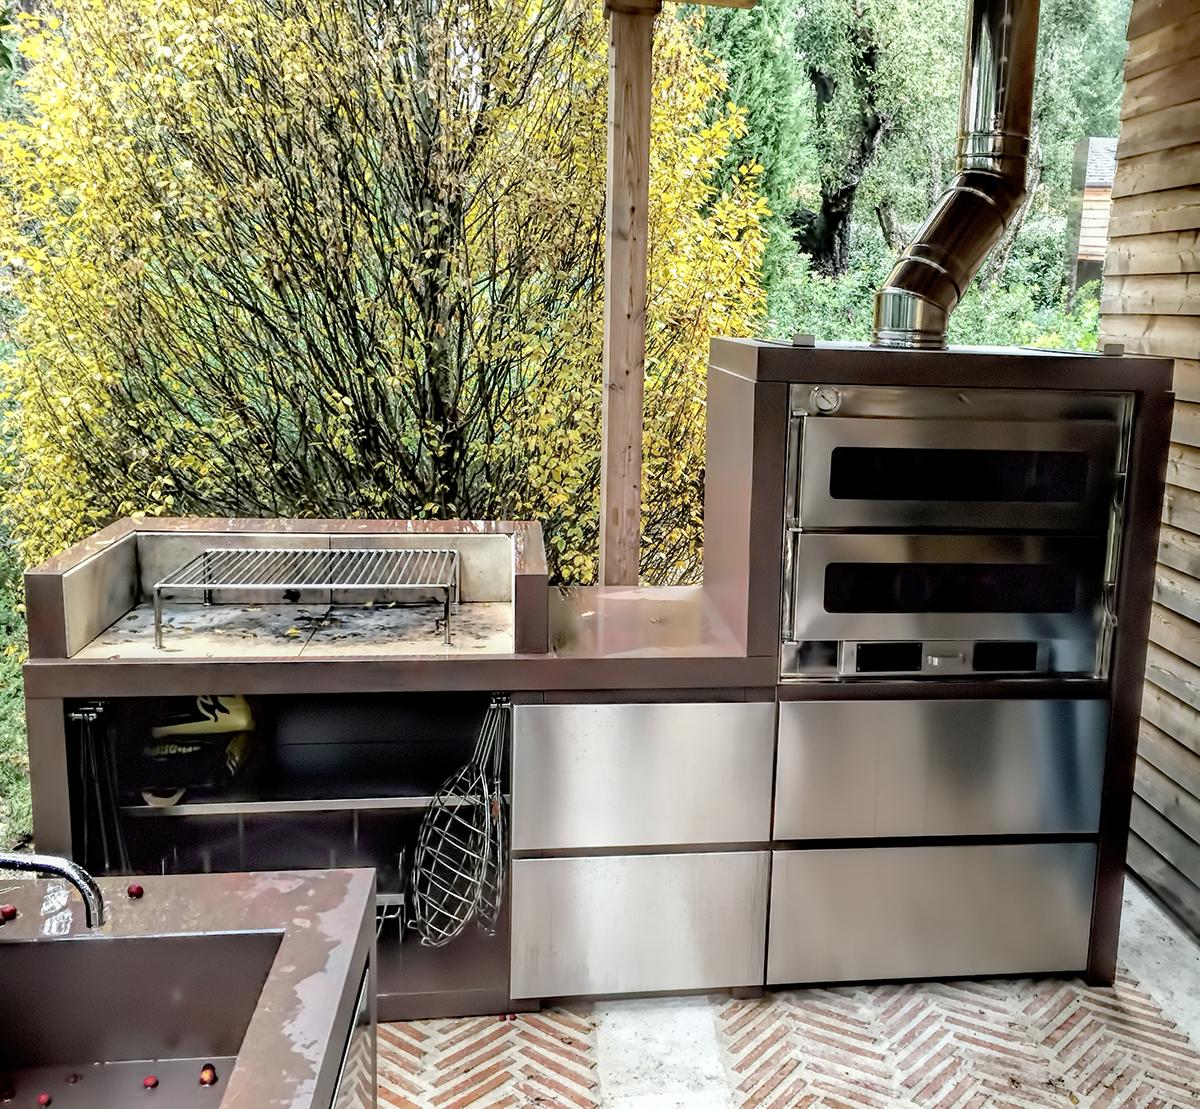 fotos-hornos-pizza-proyectos-obras-aceroinnova-cocinas-hosteleria-restauracion-instalaciones-montaje2